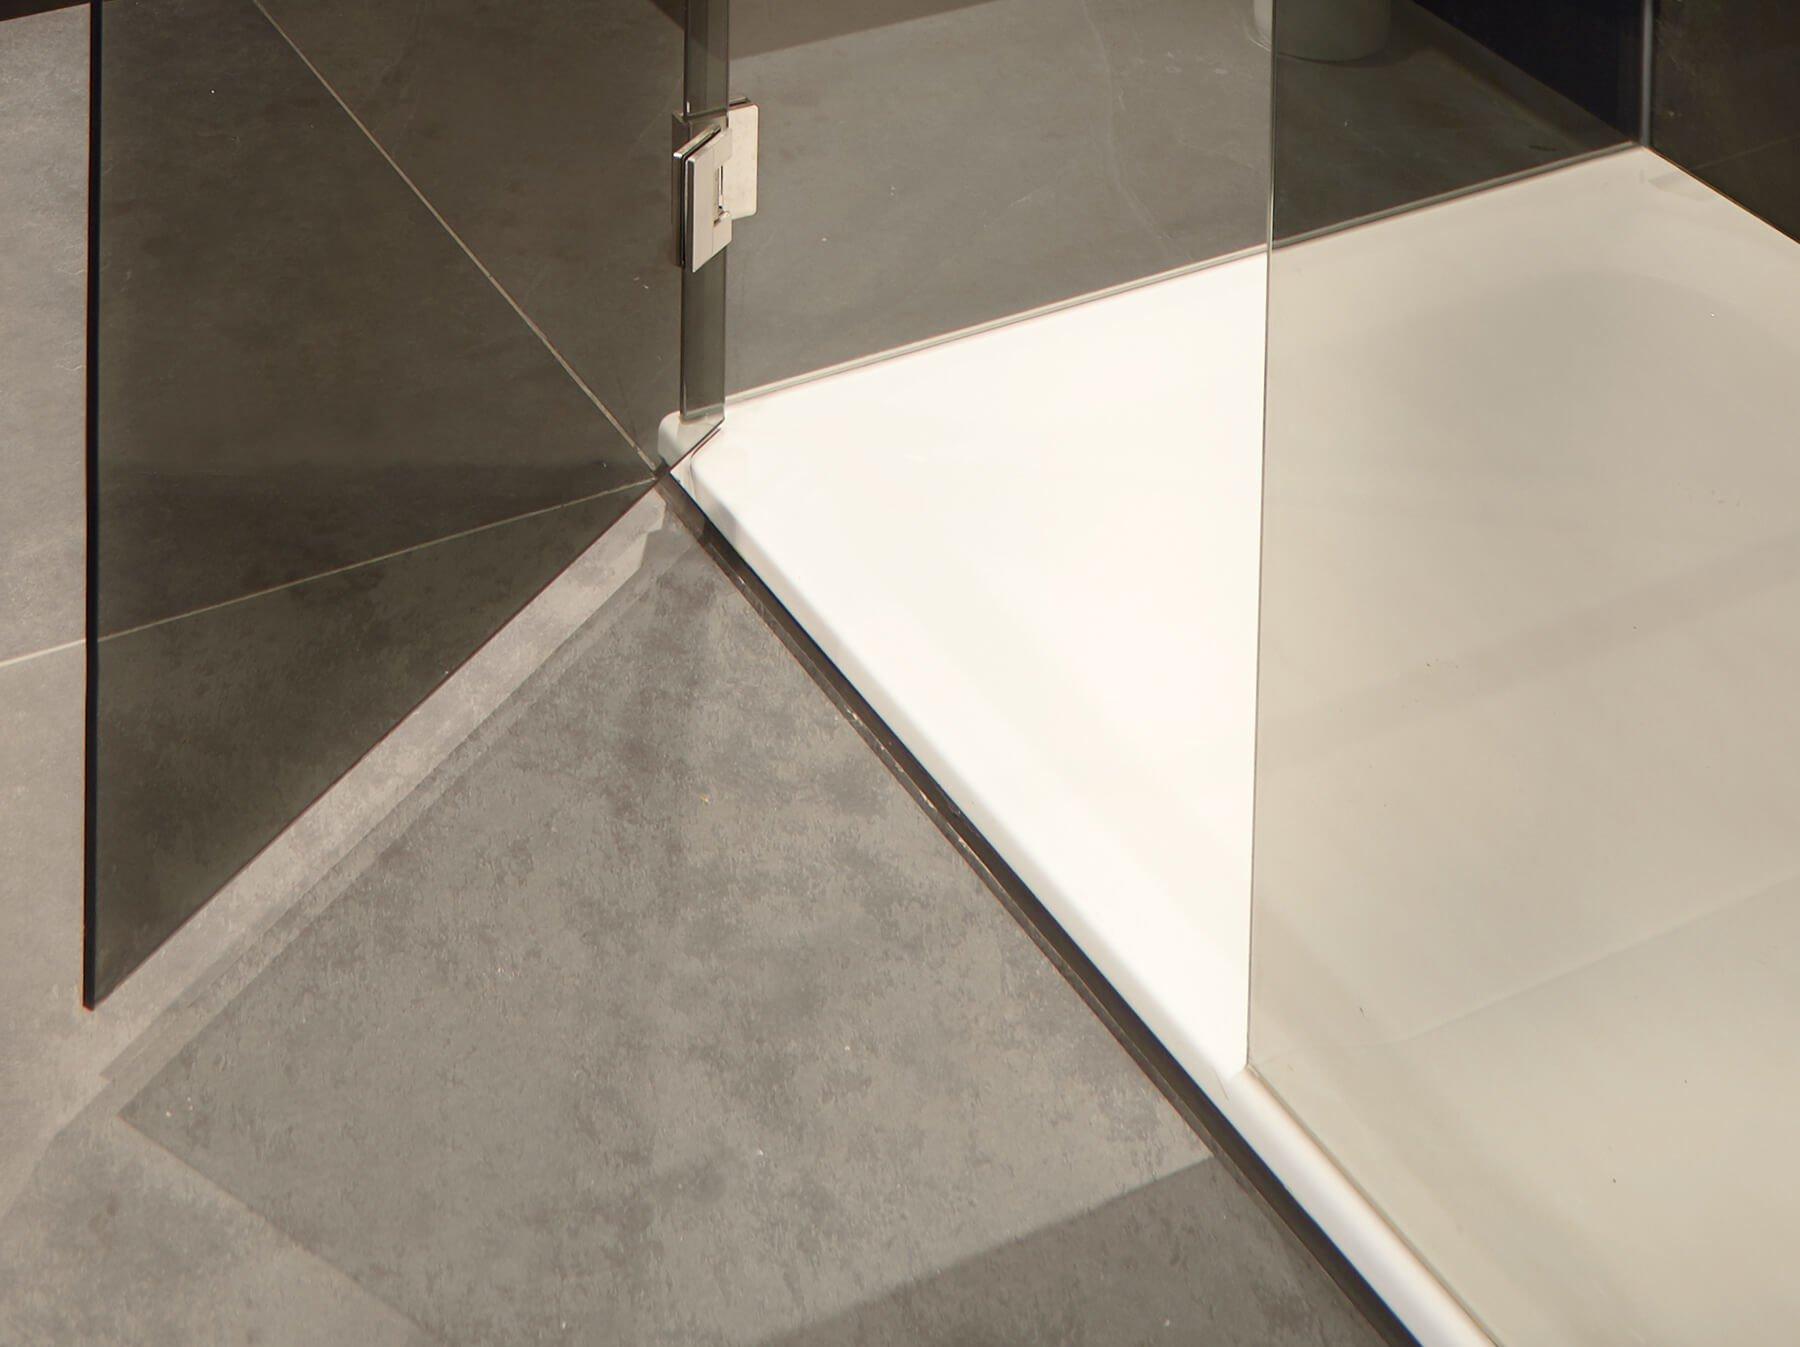 Glasdusche mit Duschtasse und geöffneter Tür aus dunkelgrauem Glas